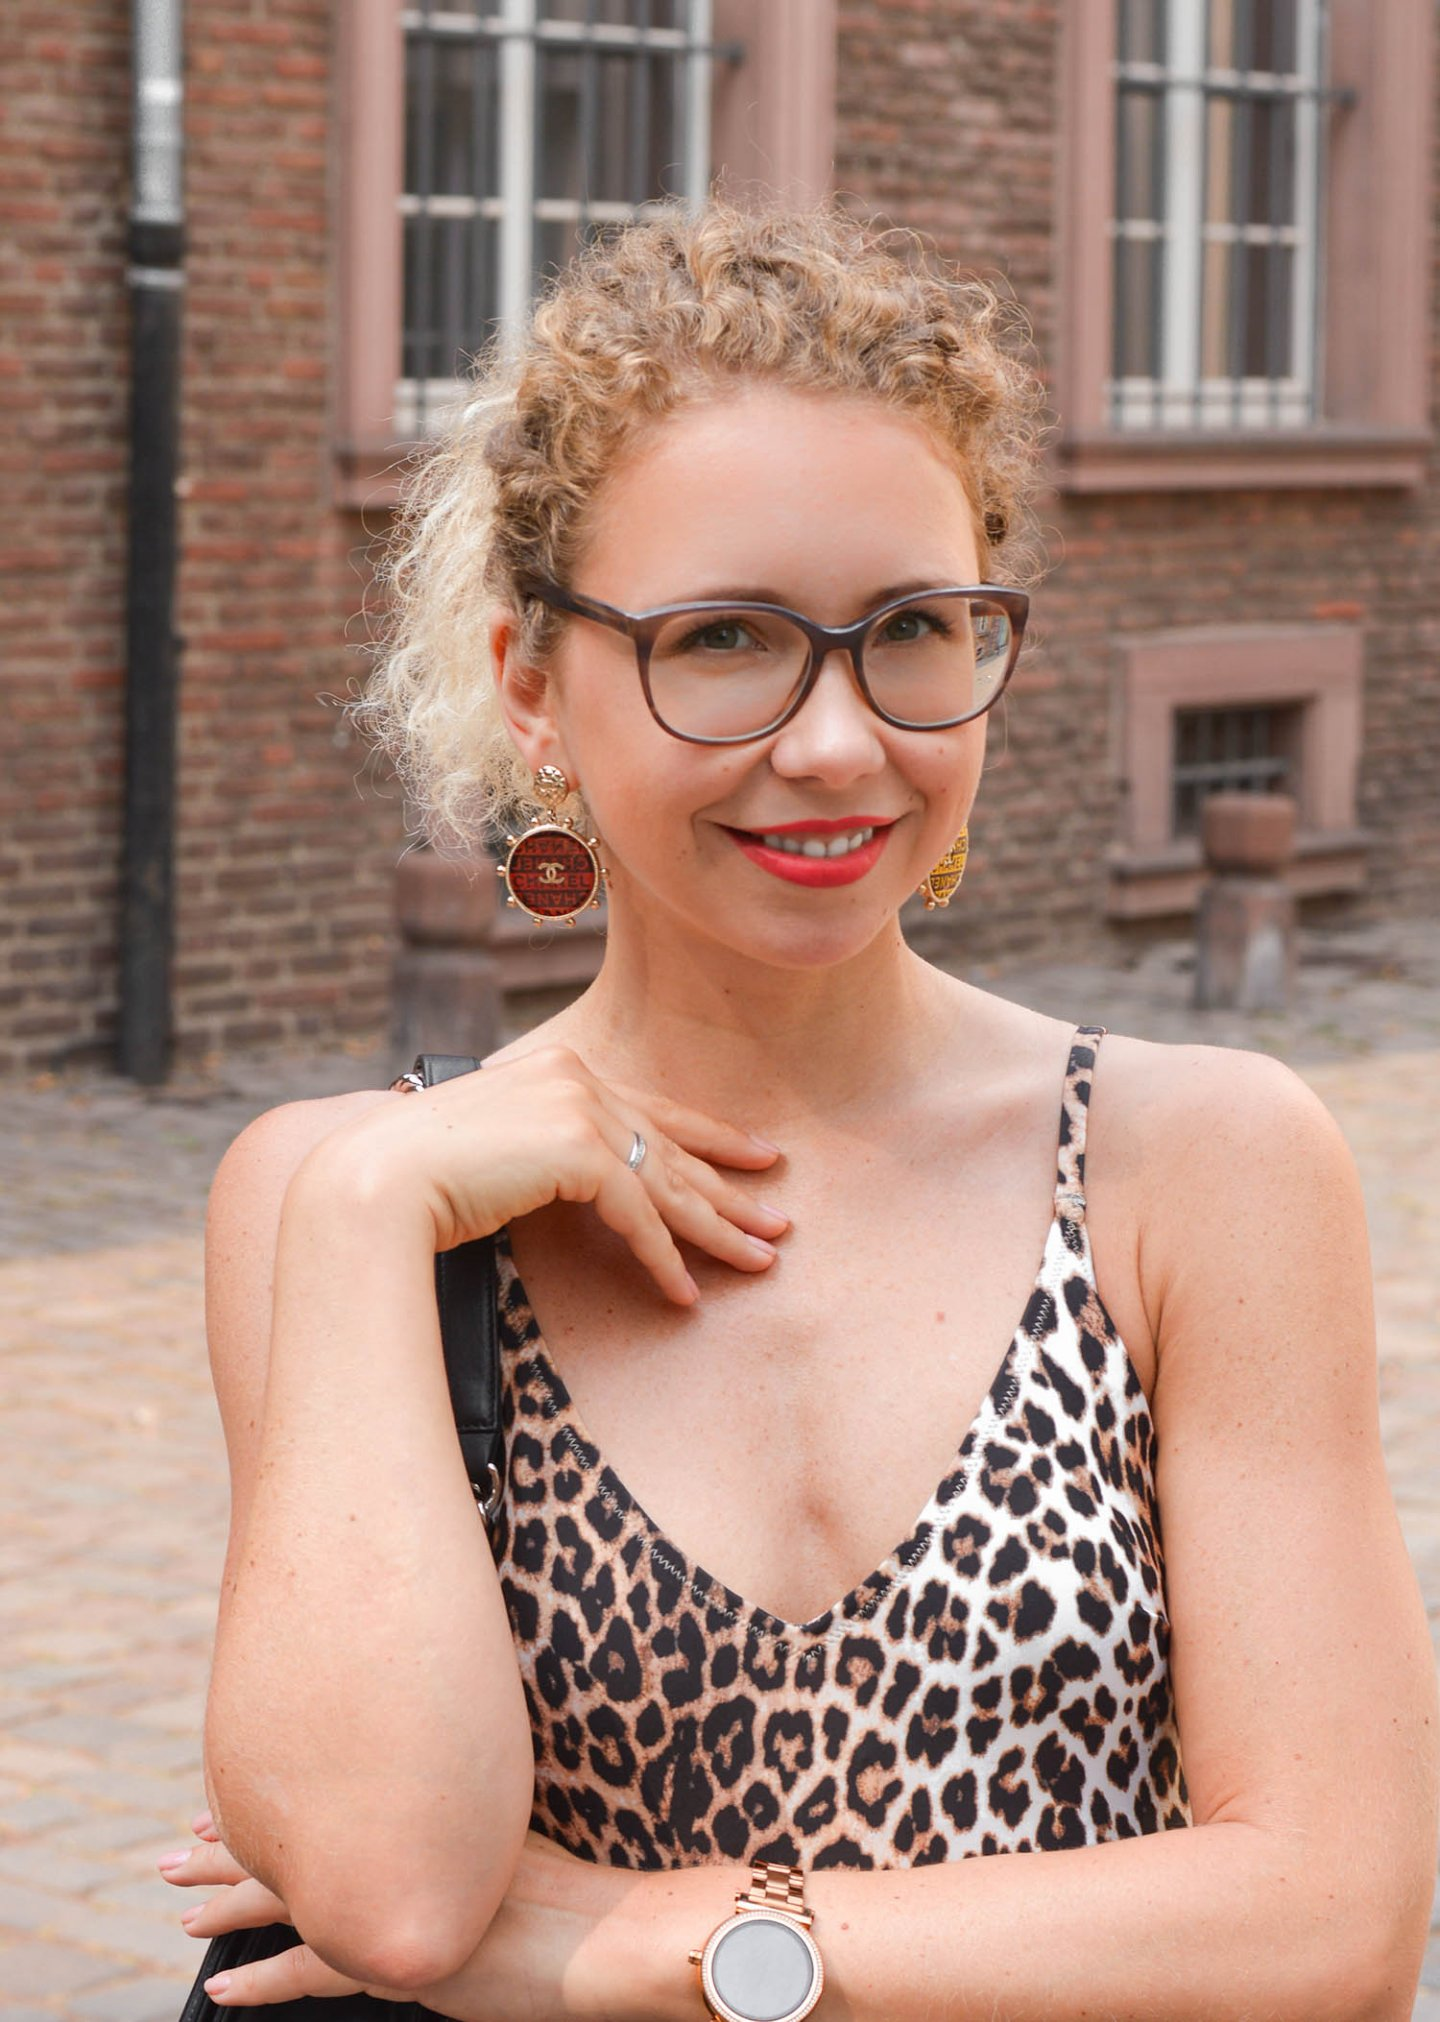 Porträtfoto Kationette mit Chanel Ohrringen und Leopard Badeanzug